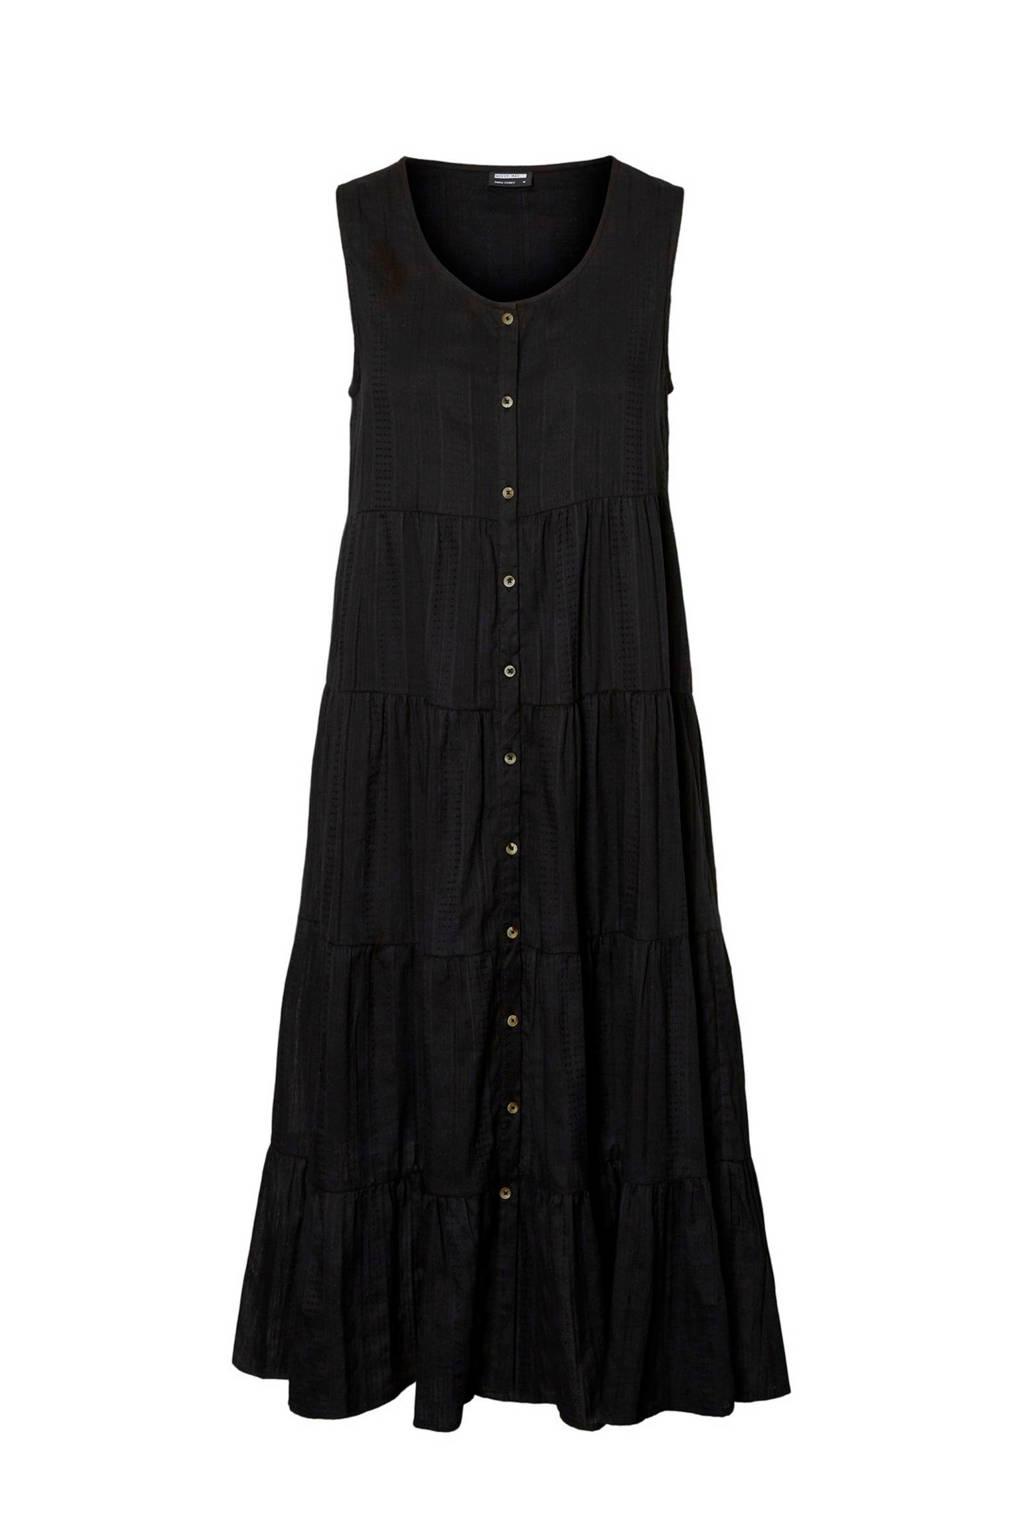 NOISY MAY maxi A-lijn jurk zwart, Zwart